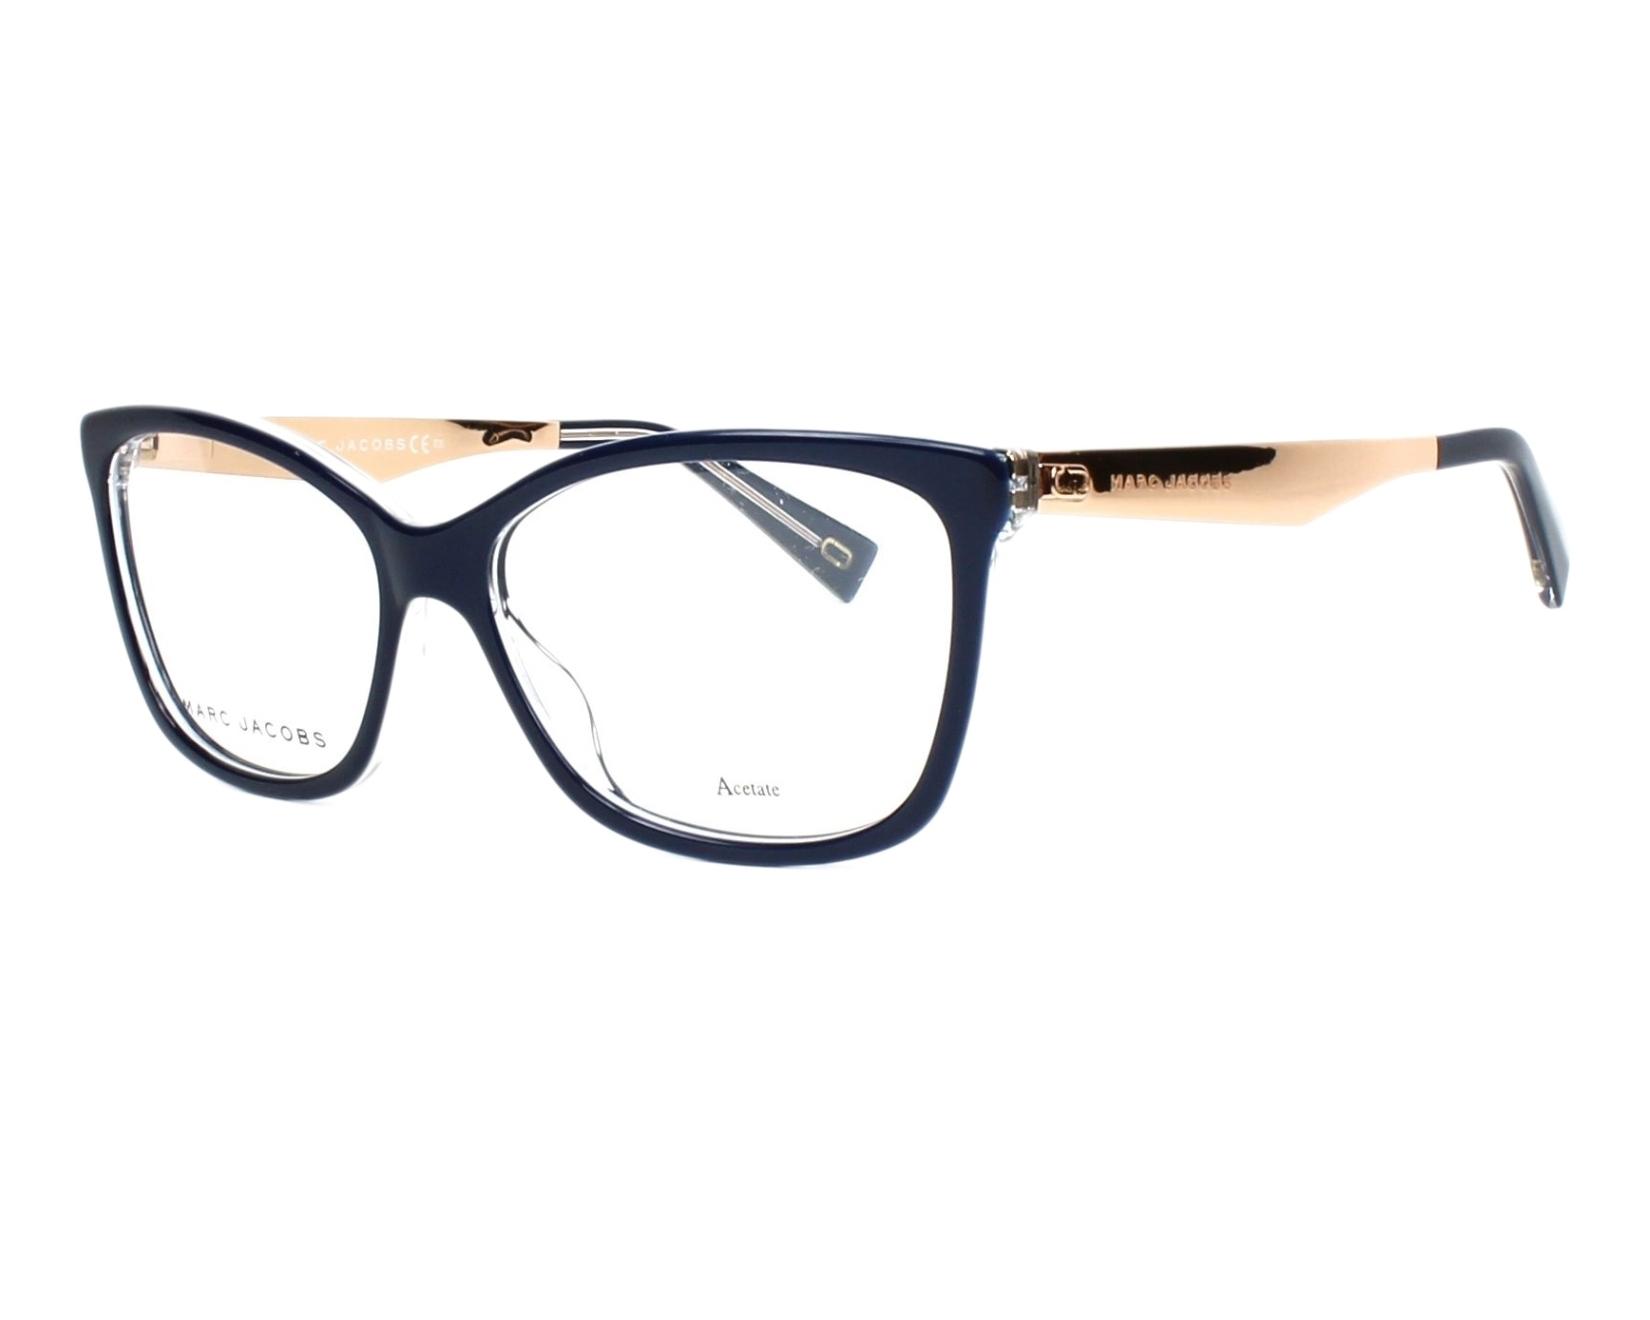 Lunettes de vue Marc Jacobs MARC-206 PJP - Bleu Rose doré vue de profil ddceabb2e830